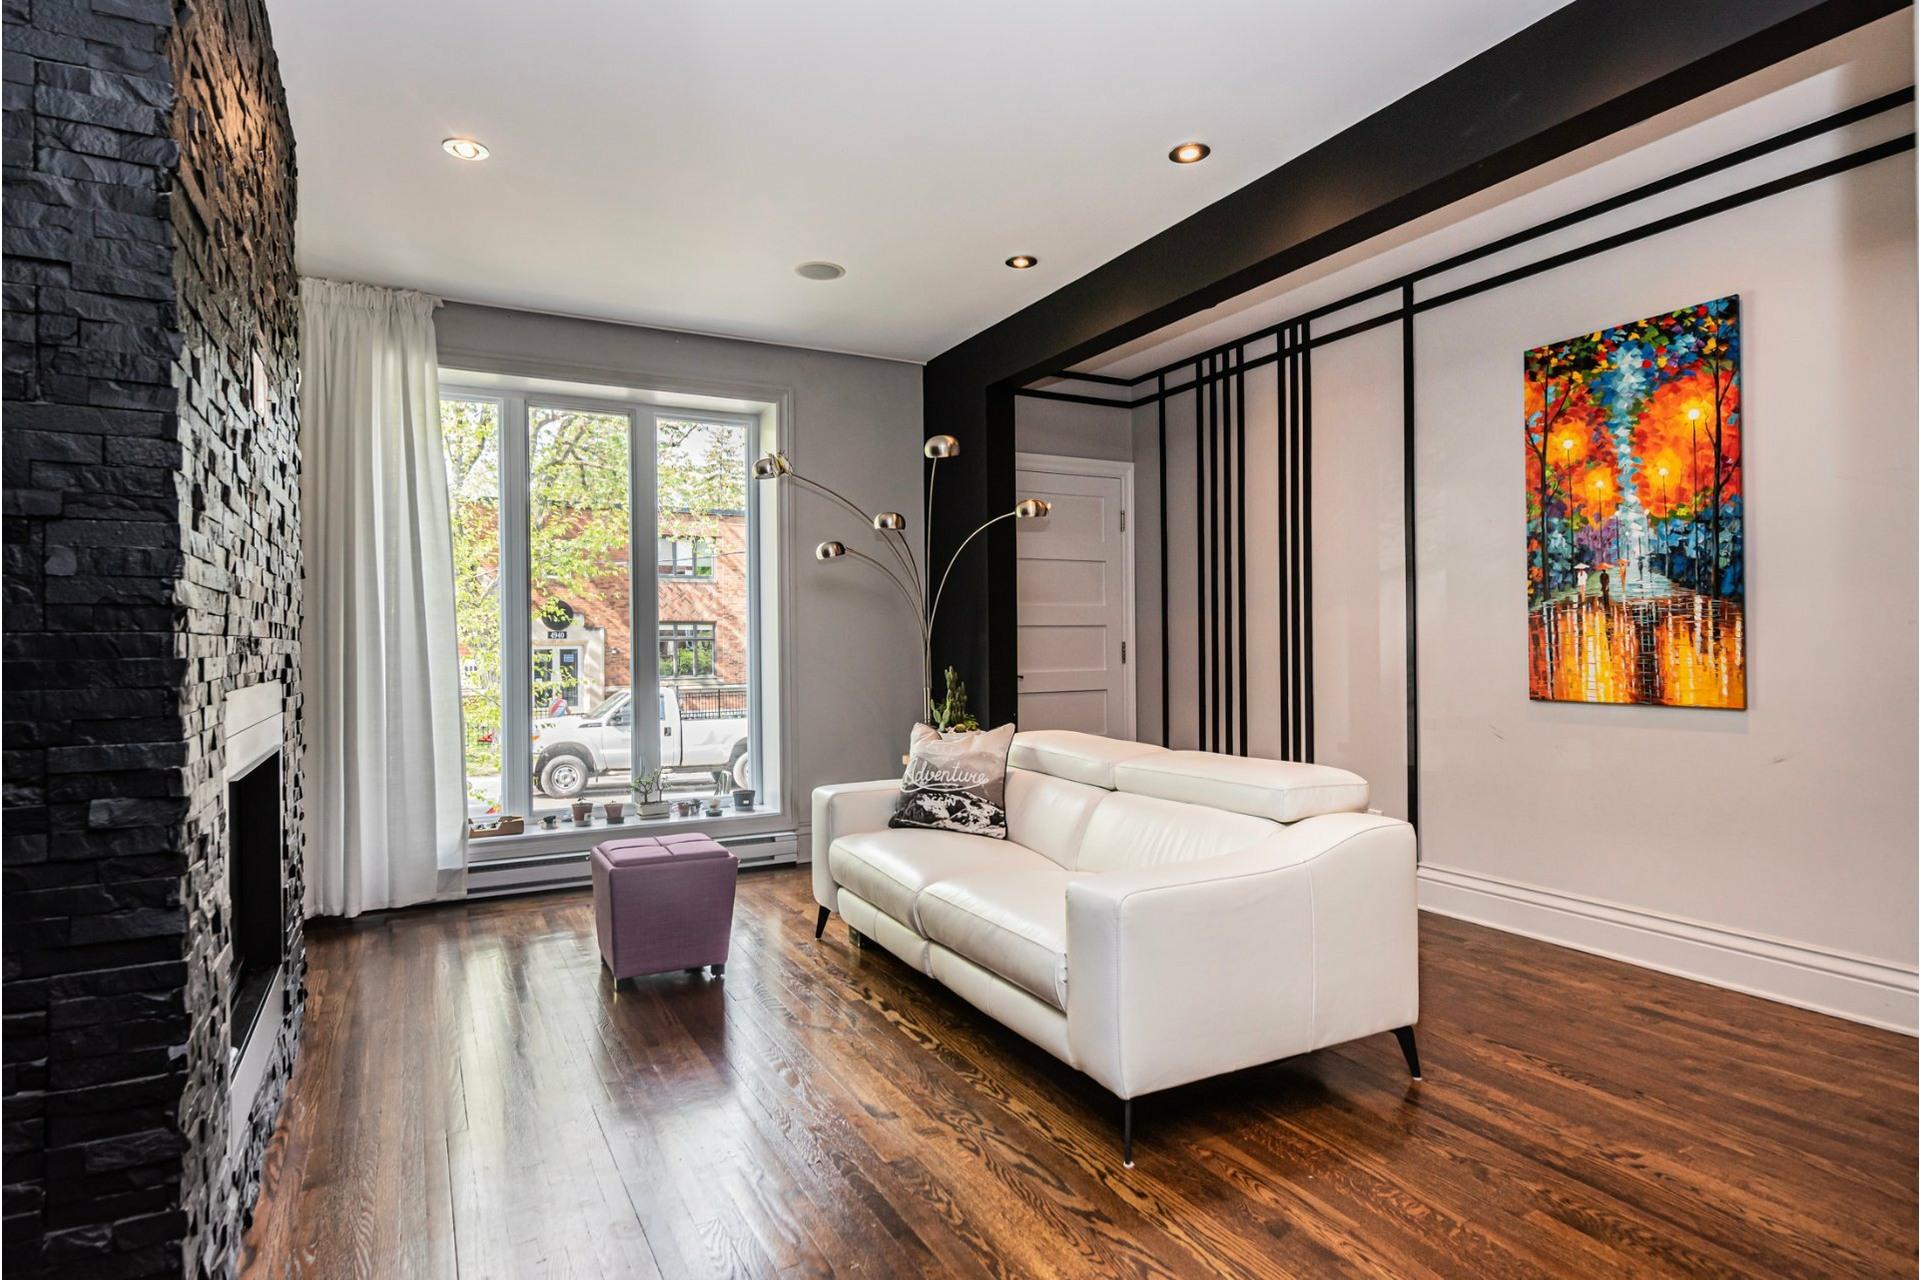 image 5 - Appartement À vendre Côte-des-Neiges/Notre-Dame-de-Grâce Montréal  - 10 pièces